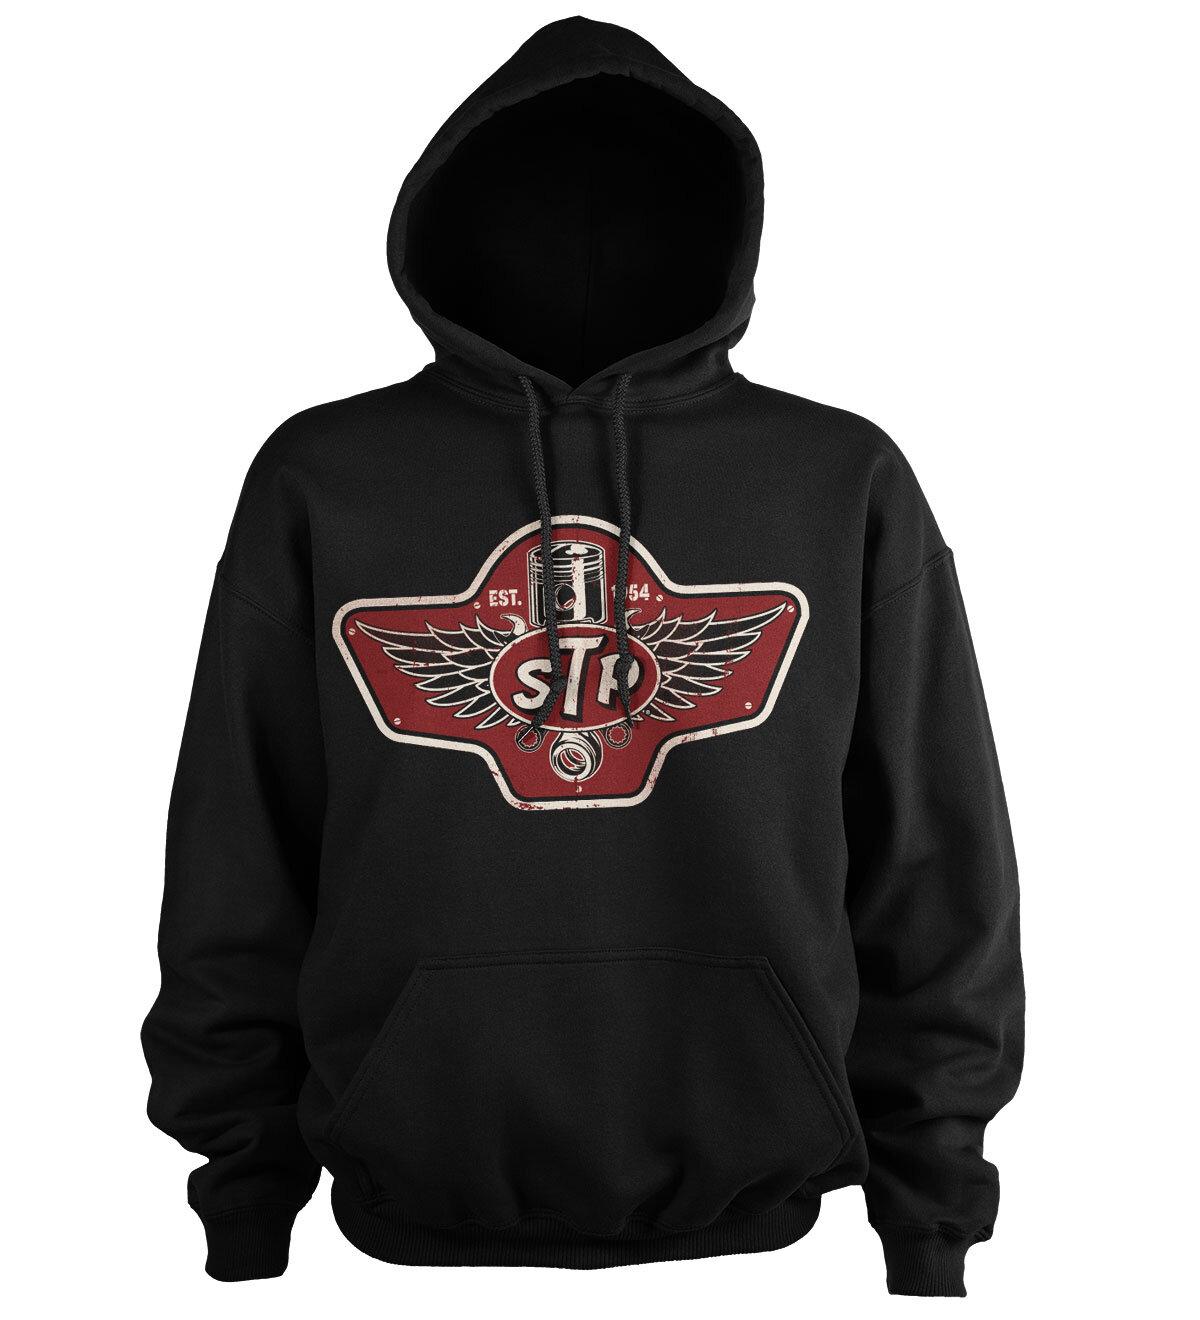 STP Piston Emblem Hoodie